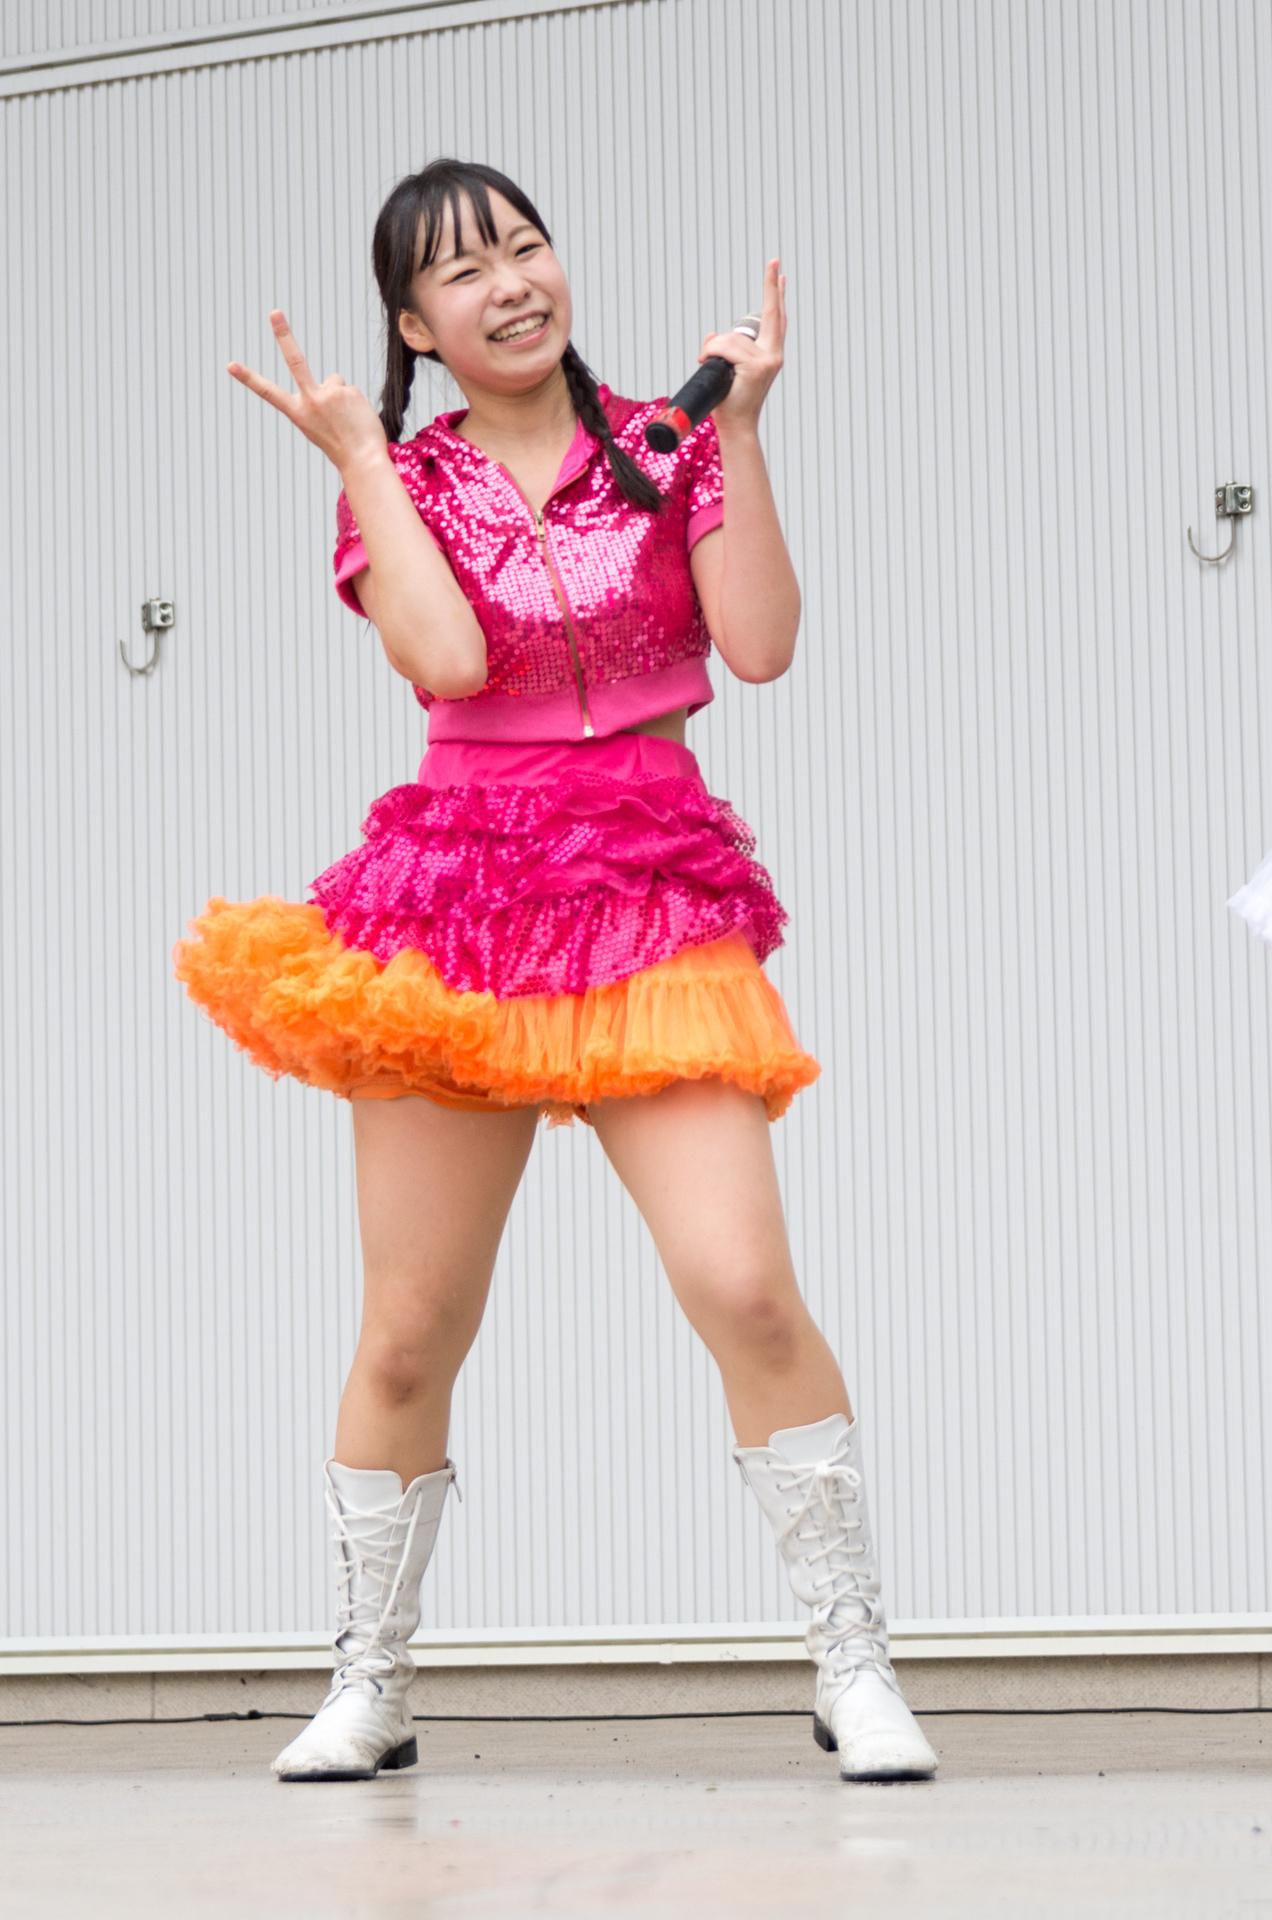 2代目HAPPY少女♪ やよたん ( 鈴木やよい ) | アイドルライブ in 円山動物園